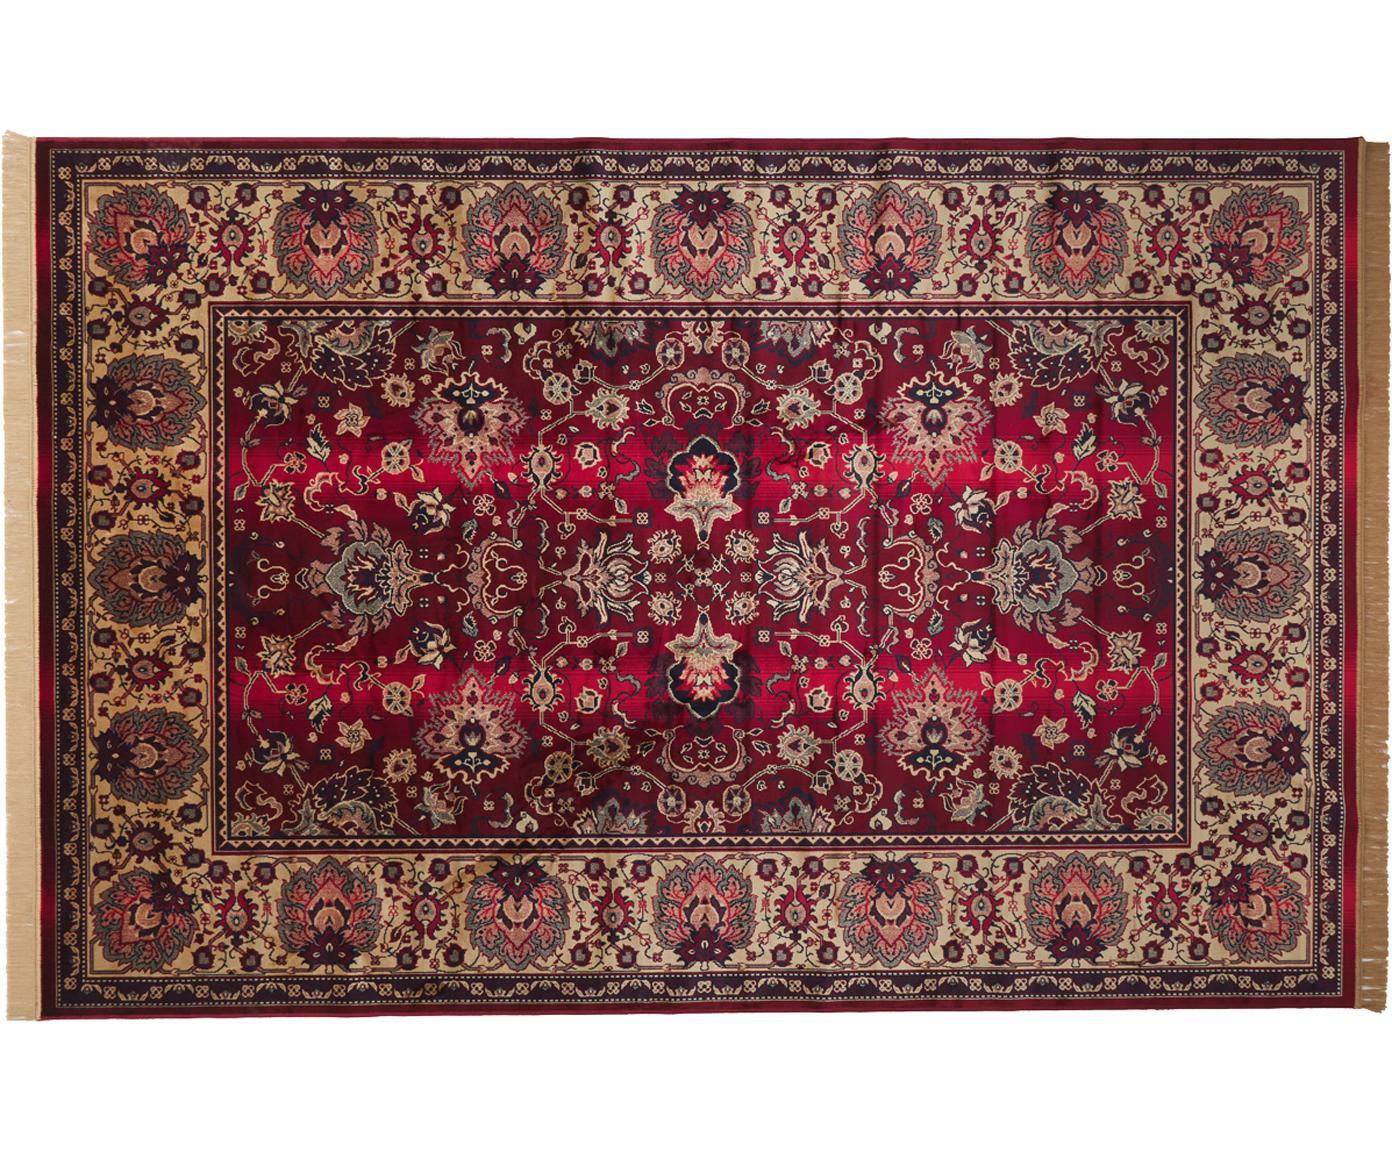 Teppich Bid mit Blumenmuster im Orient Style, Flor: 38% Viskose, 26% Baumwoll, Teppich: Rot- und BeigetöneFransen: Beige, B 170 x L 240 cm (Grösse M)